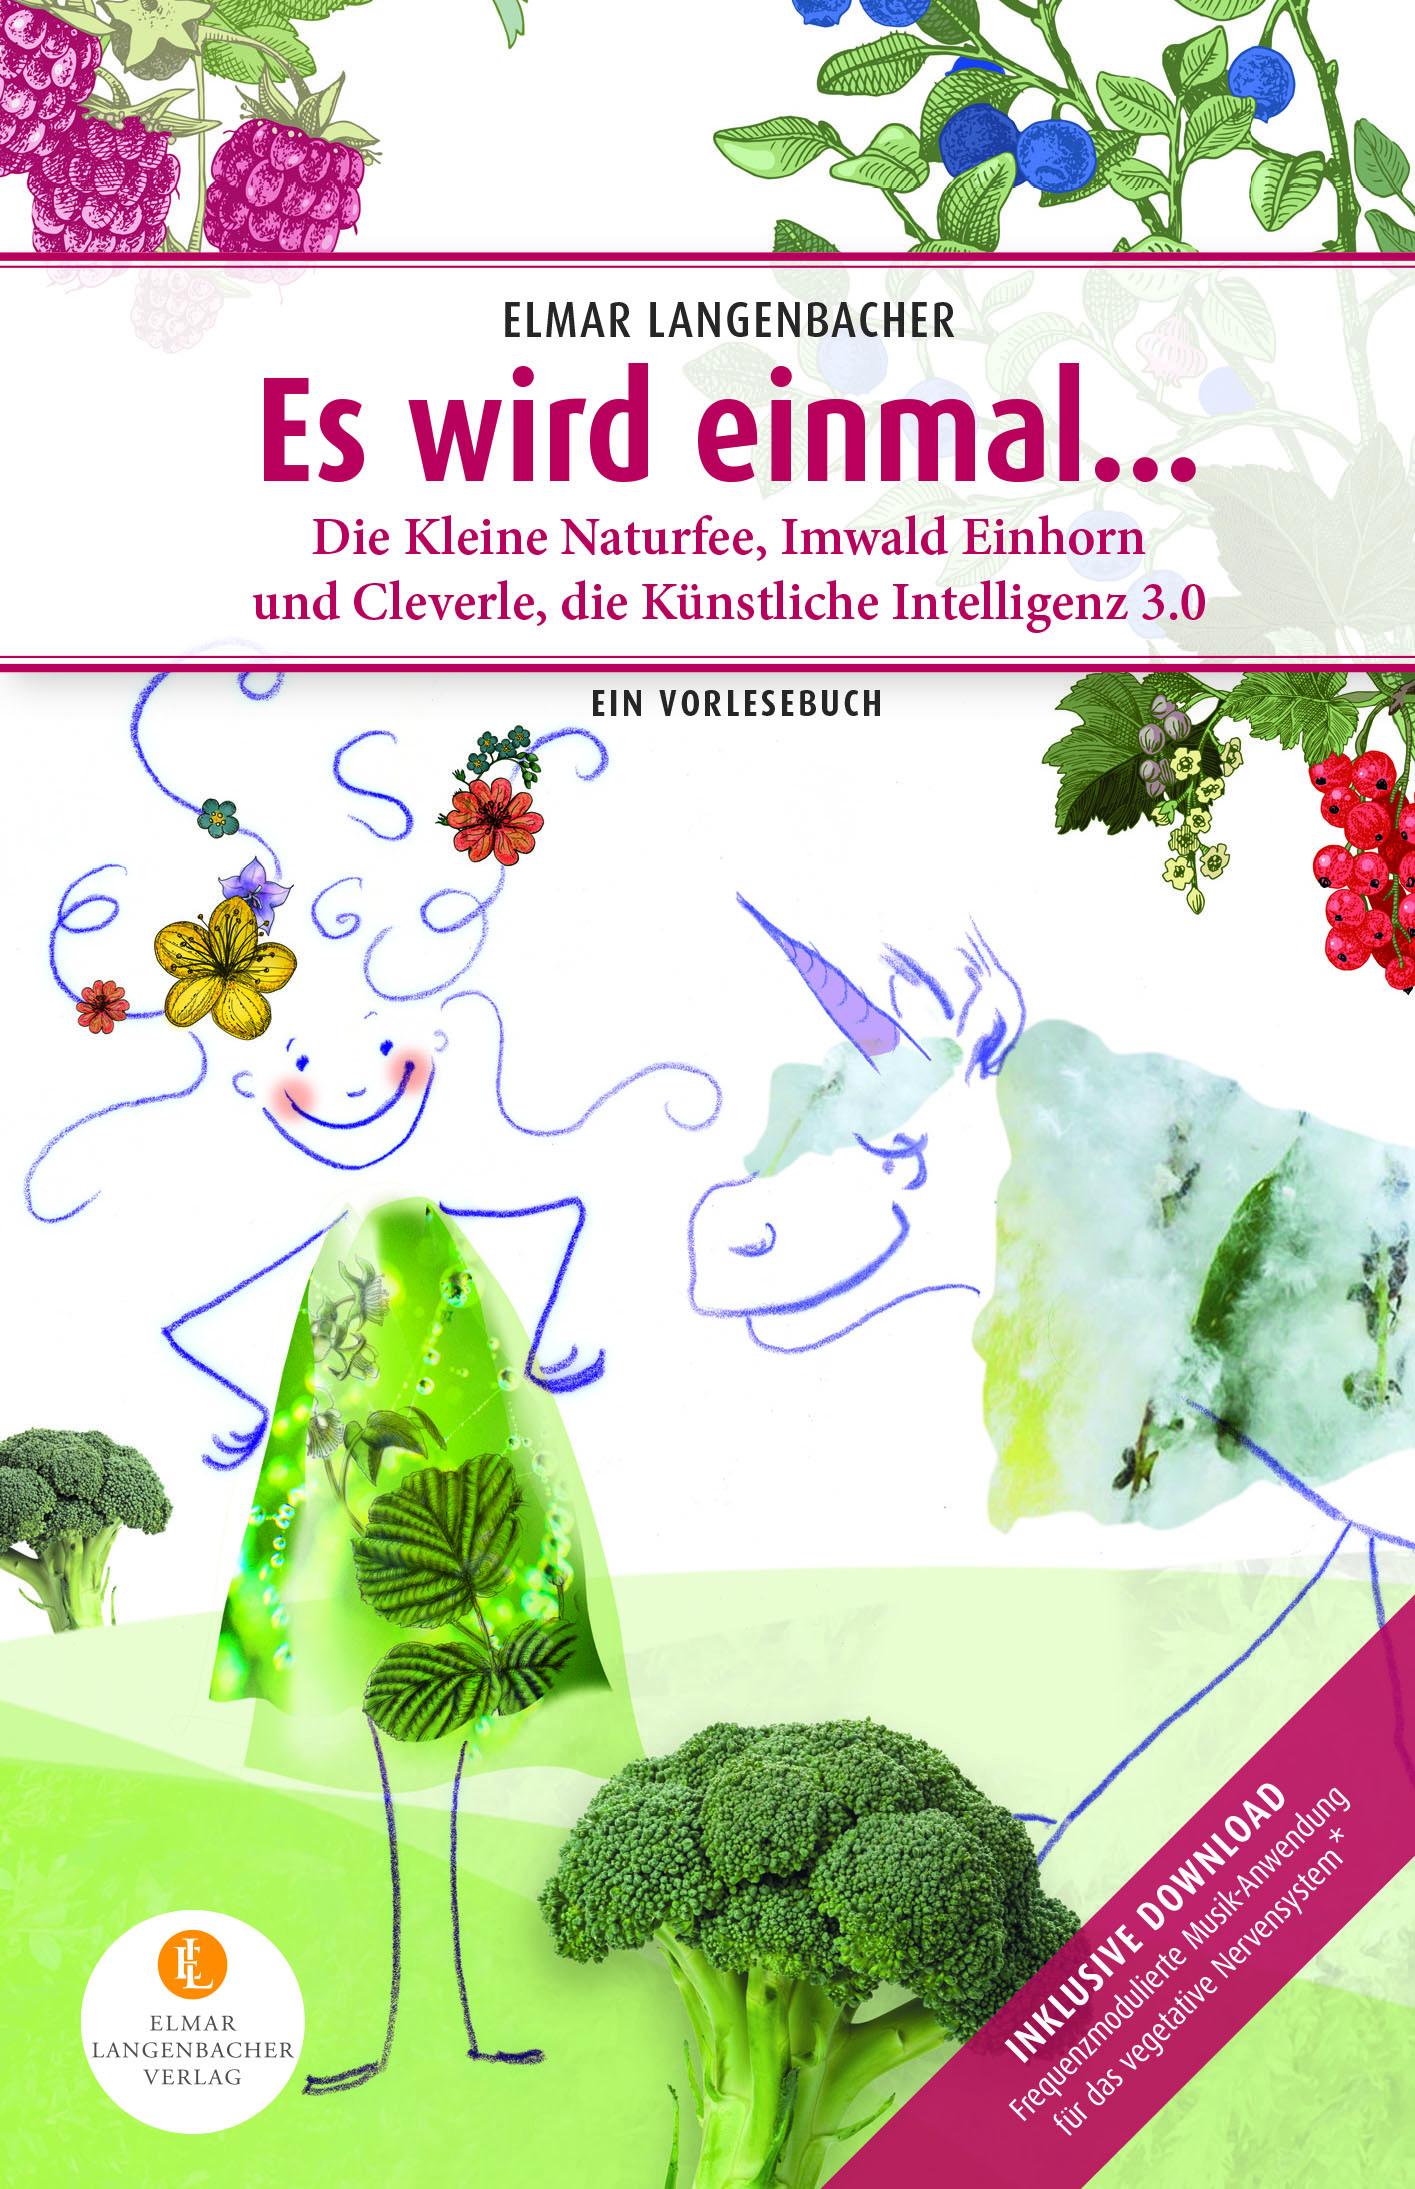 Es wird einmal, Elmar Langenbacher, 2020 - Buchtitelseite, ISBN978-3-9821475-1-2